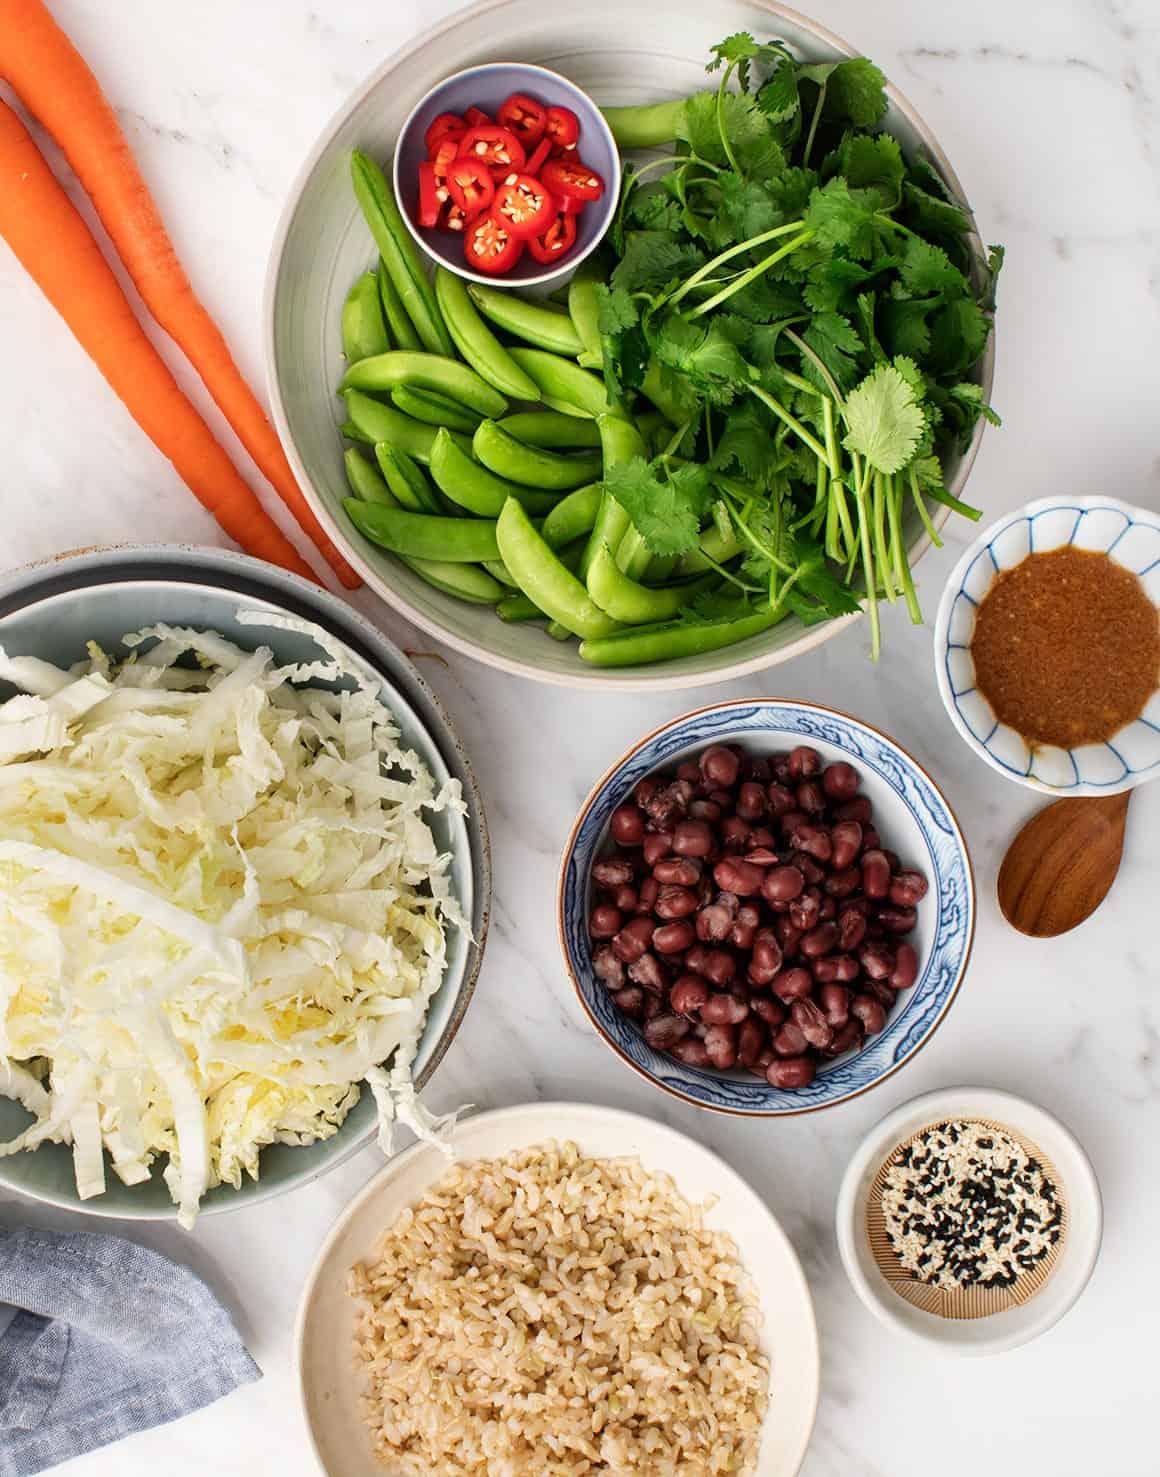 Adzuki beans, veggies, and rice in bowls